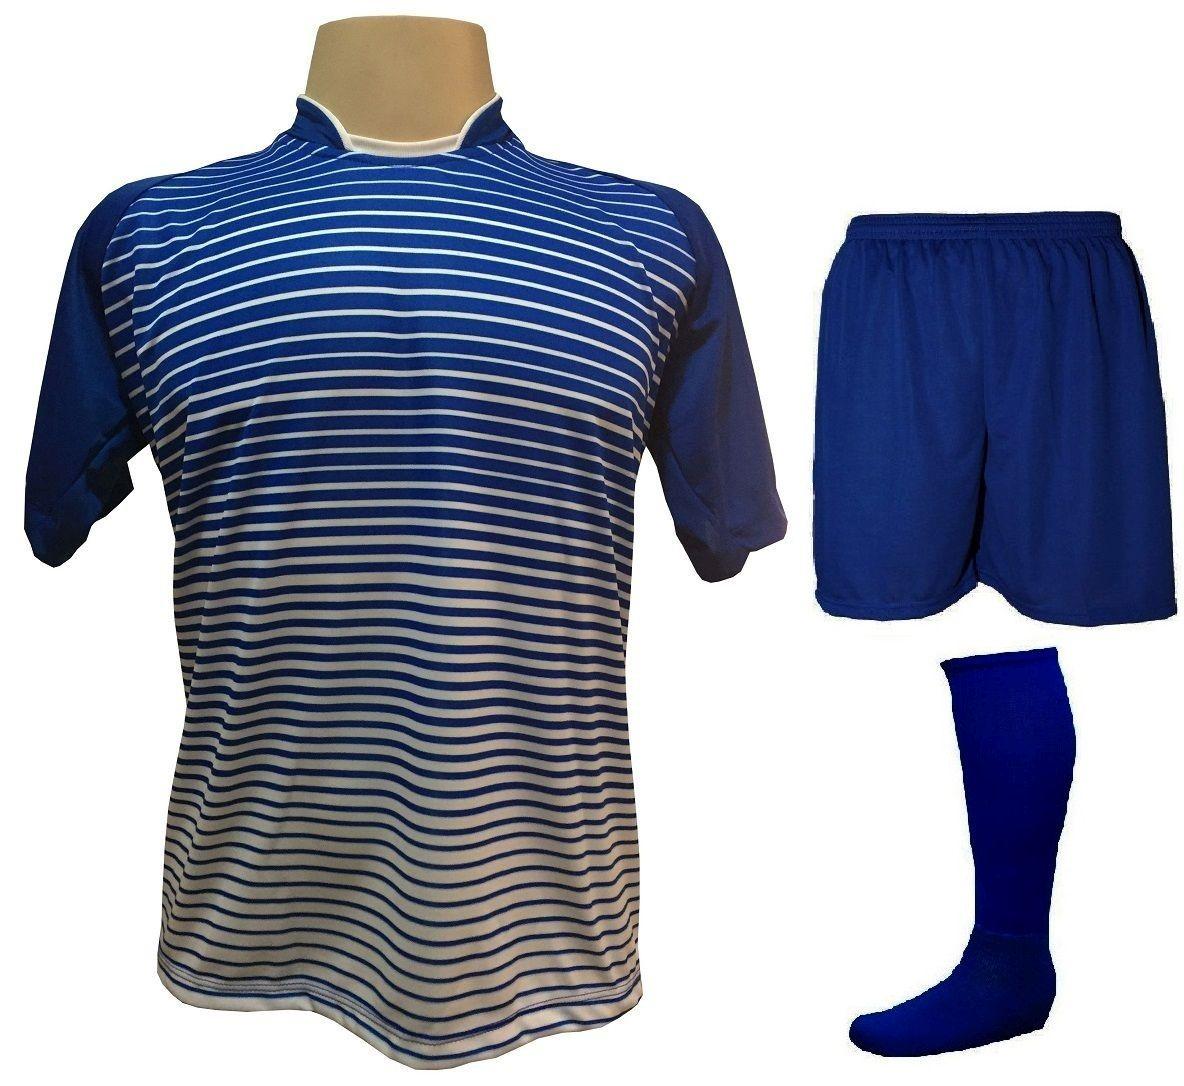 Uniforme Esportivo com 12 Camisas modelo City Royal/Branco + 12 Calções modelo Madrid Royal + 12 Pares de meiões Royal